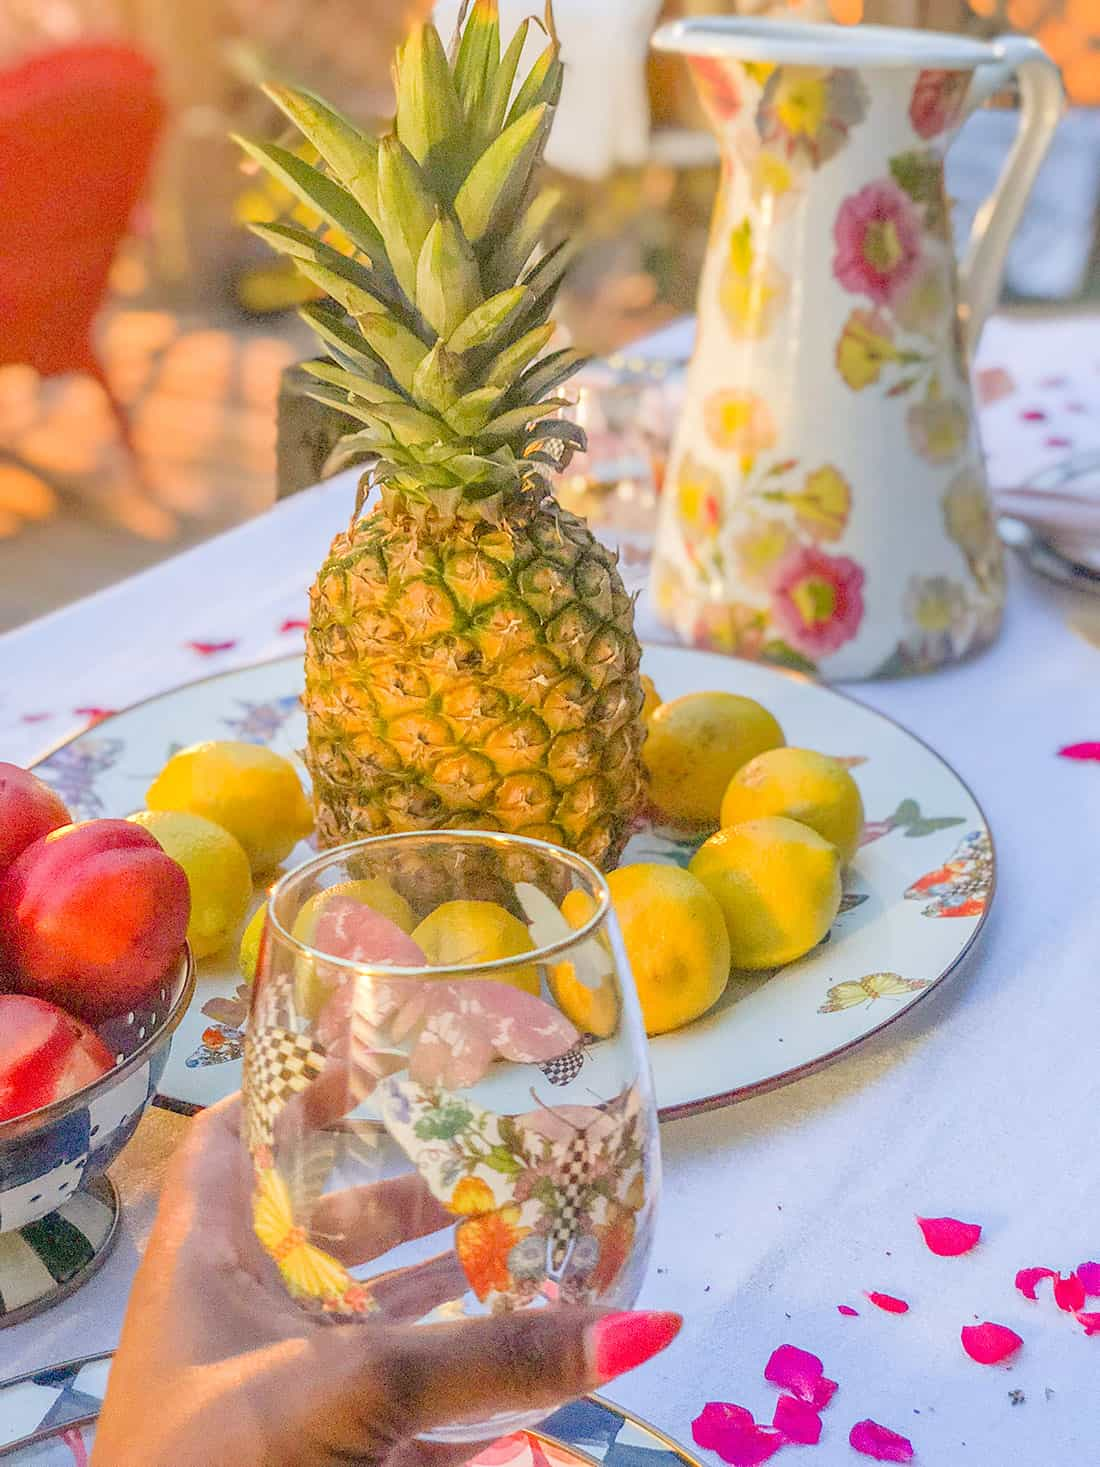 MacKenzie-Childs pineapples